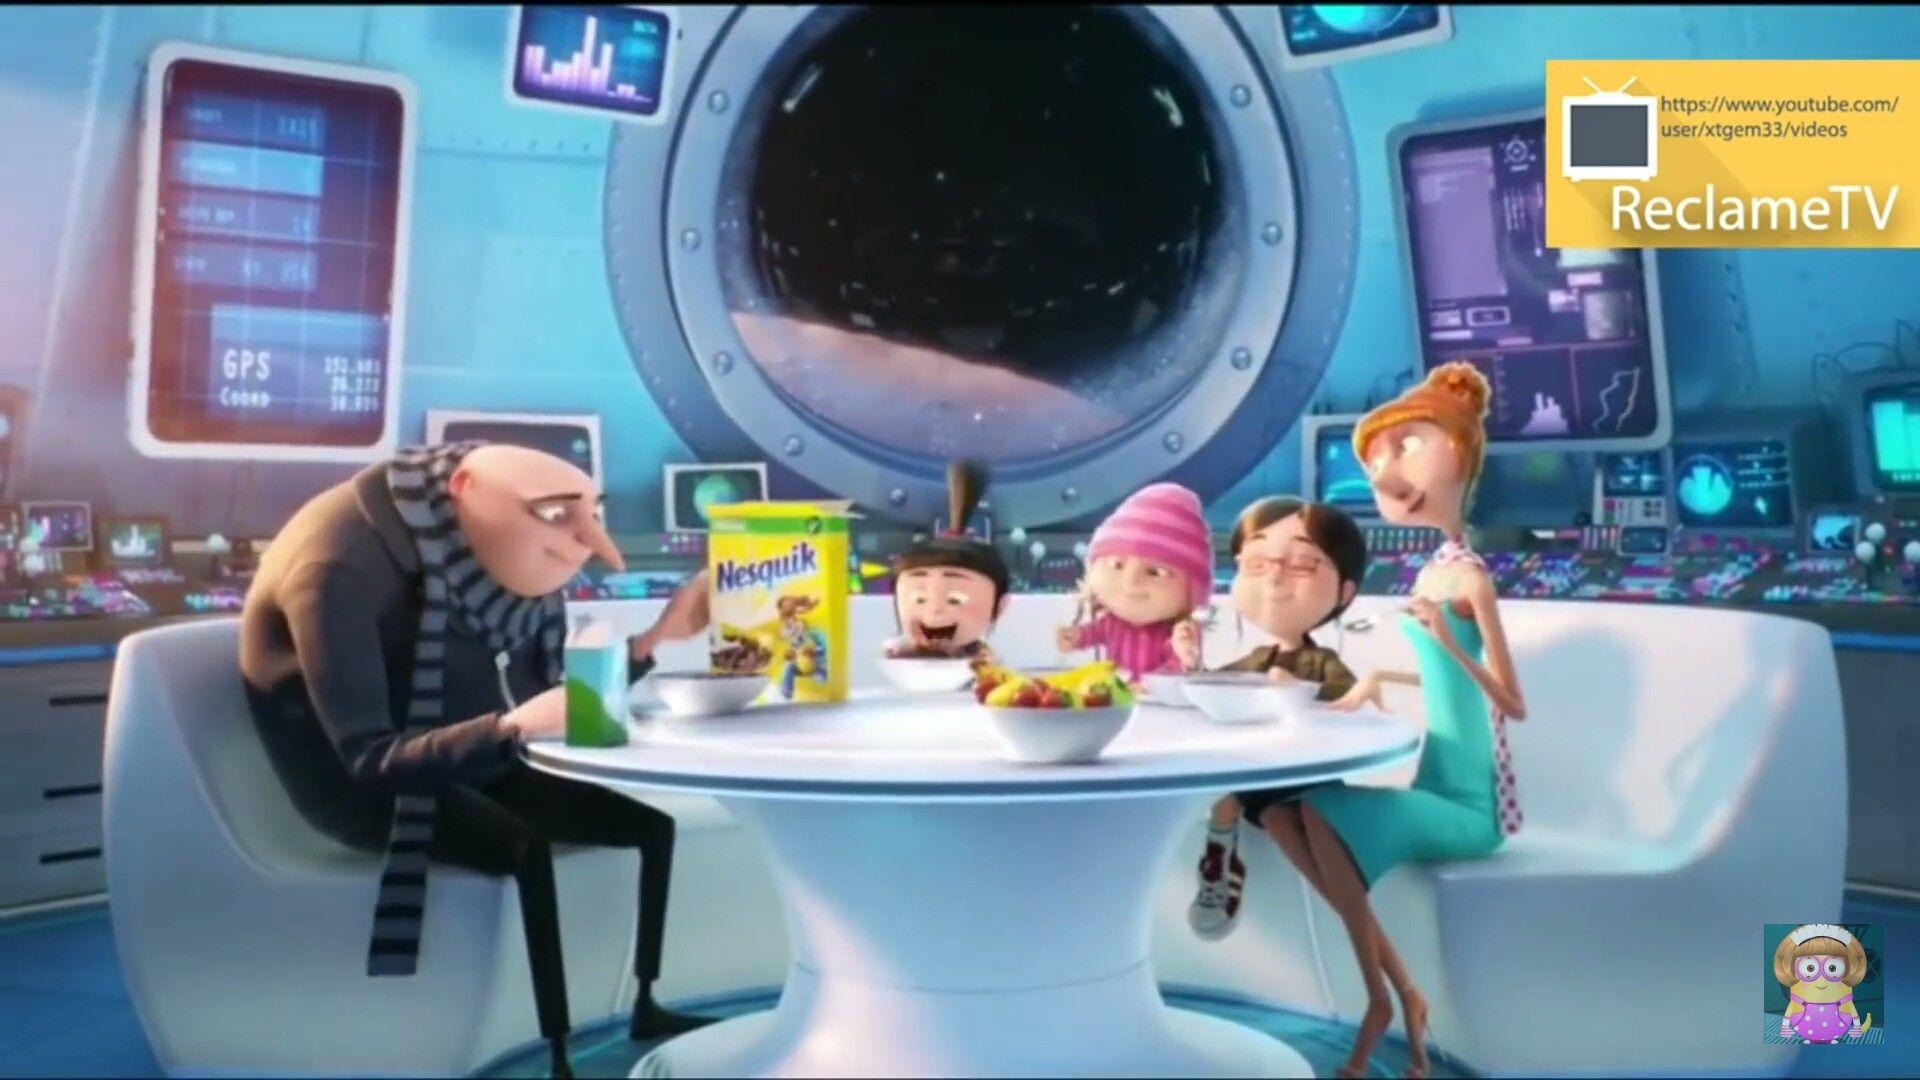 Gru And His Family Have Breakfast Mi Villano Favorito Gru Mi Villano Favorito Gru Mi Villano